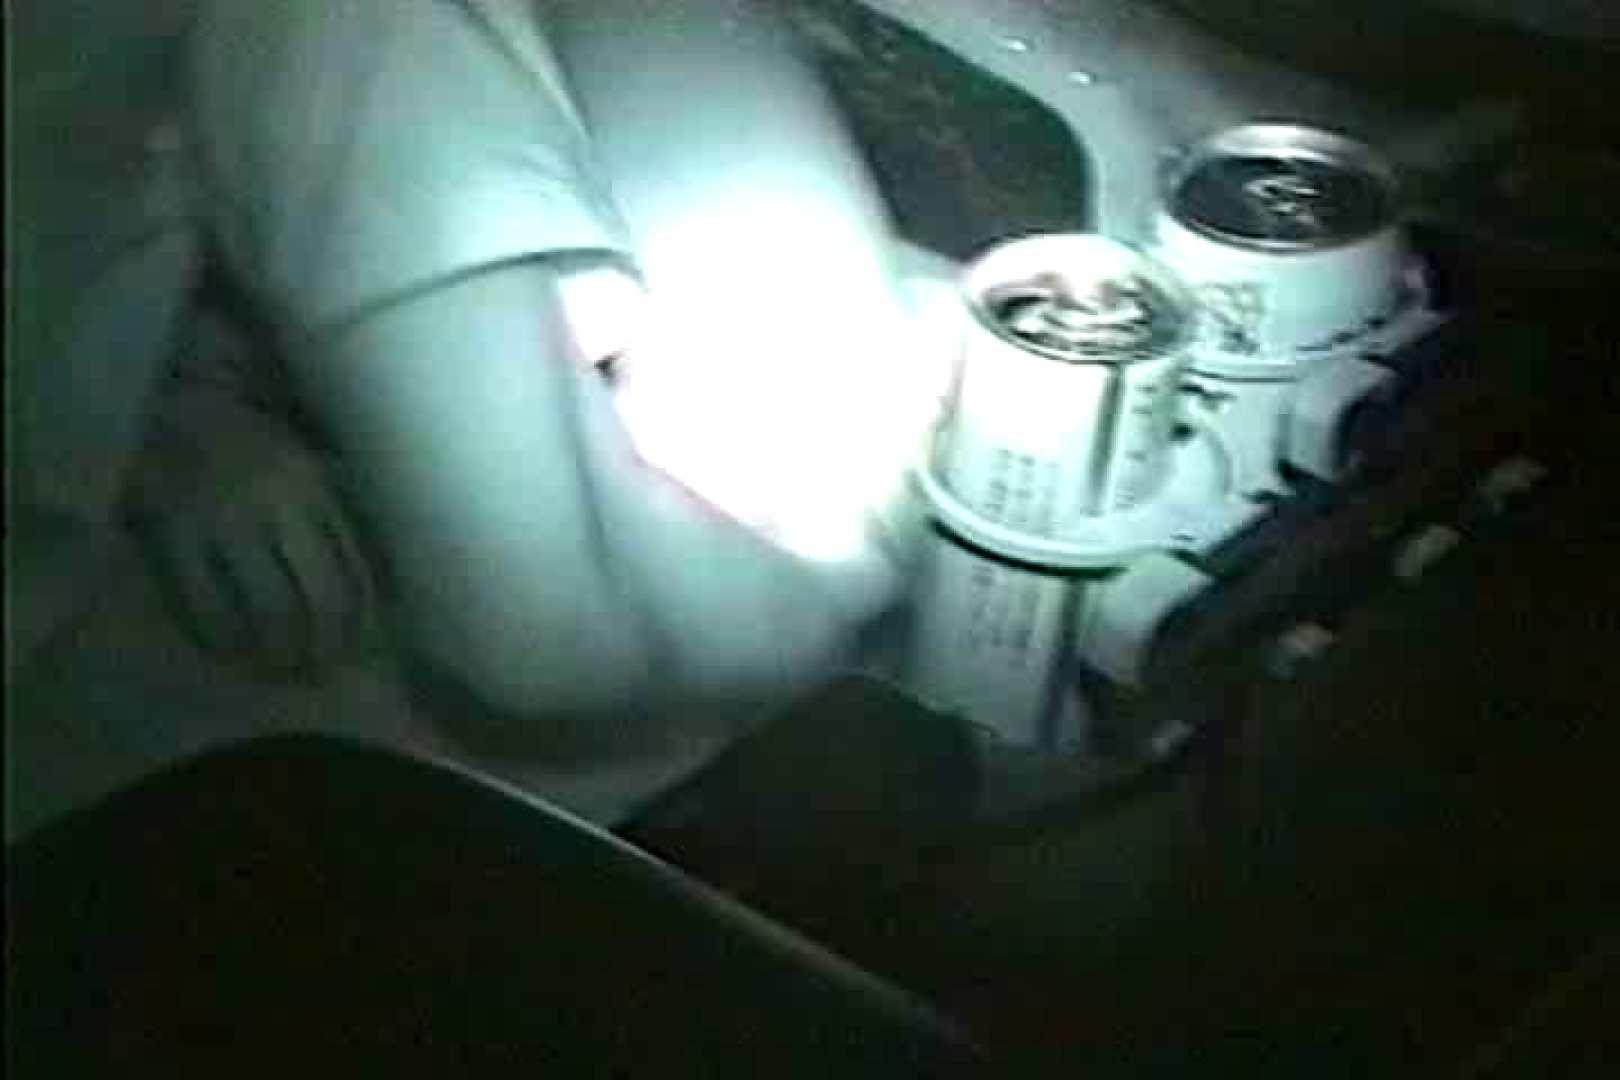 車の中はラブホテル 無修正版  Vol.6 車の中のカップル オマンコ動画キャプチャ 89画像 20